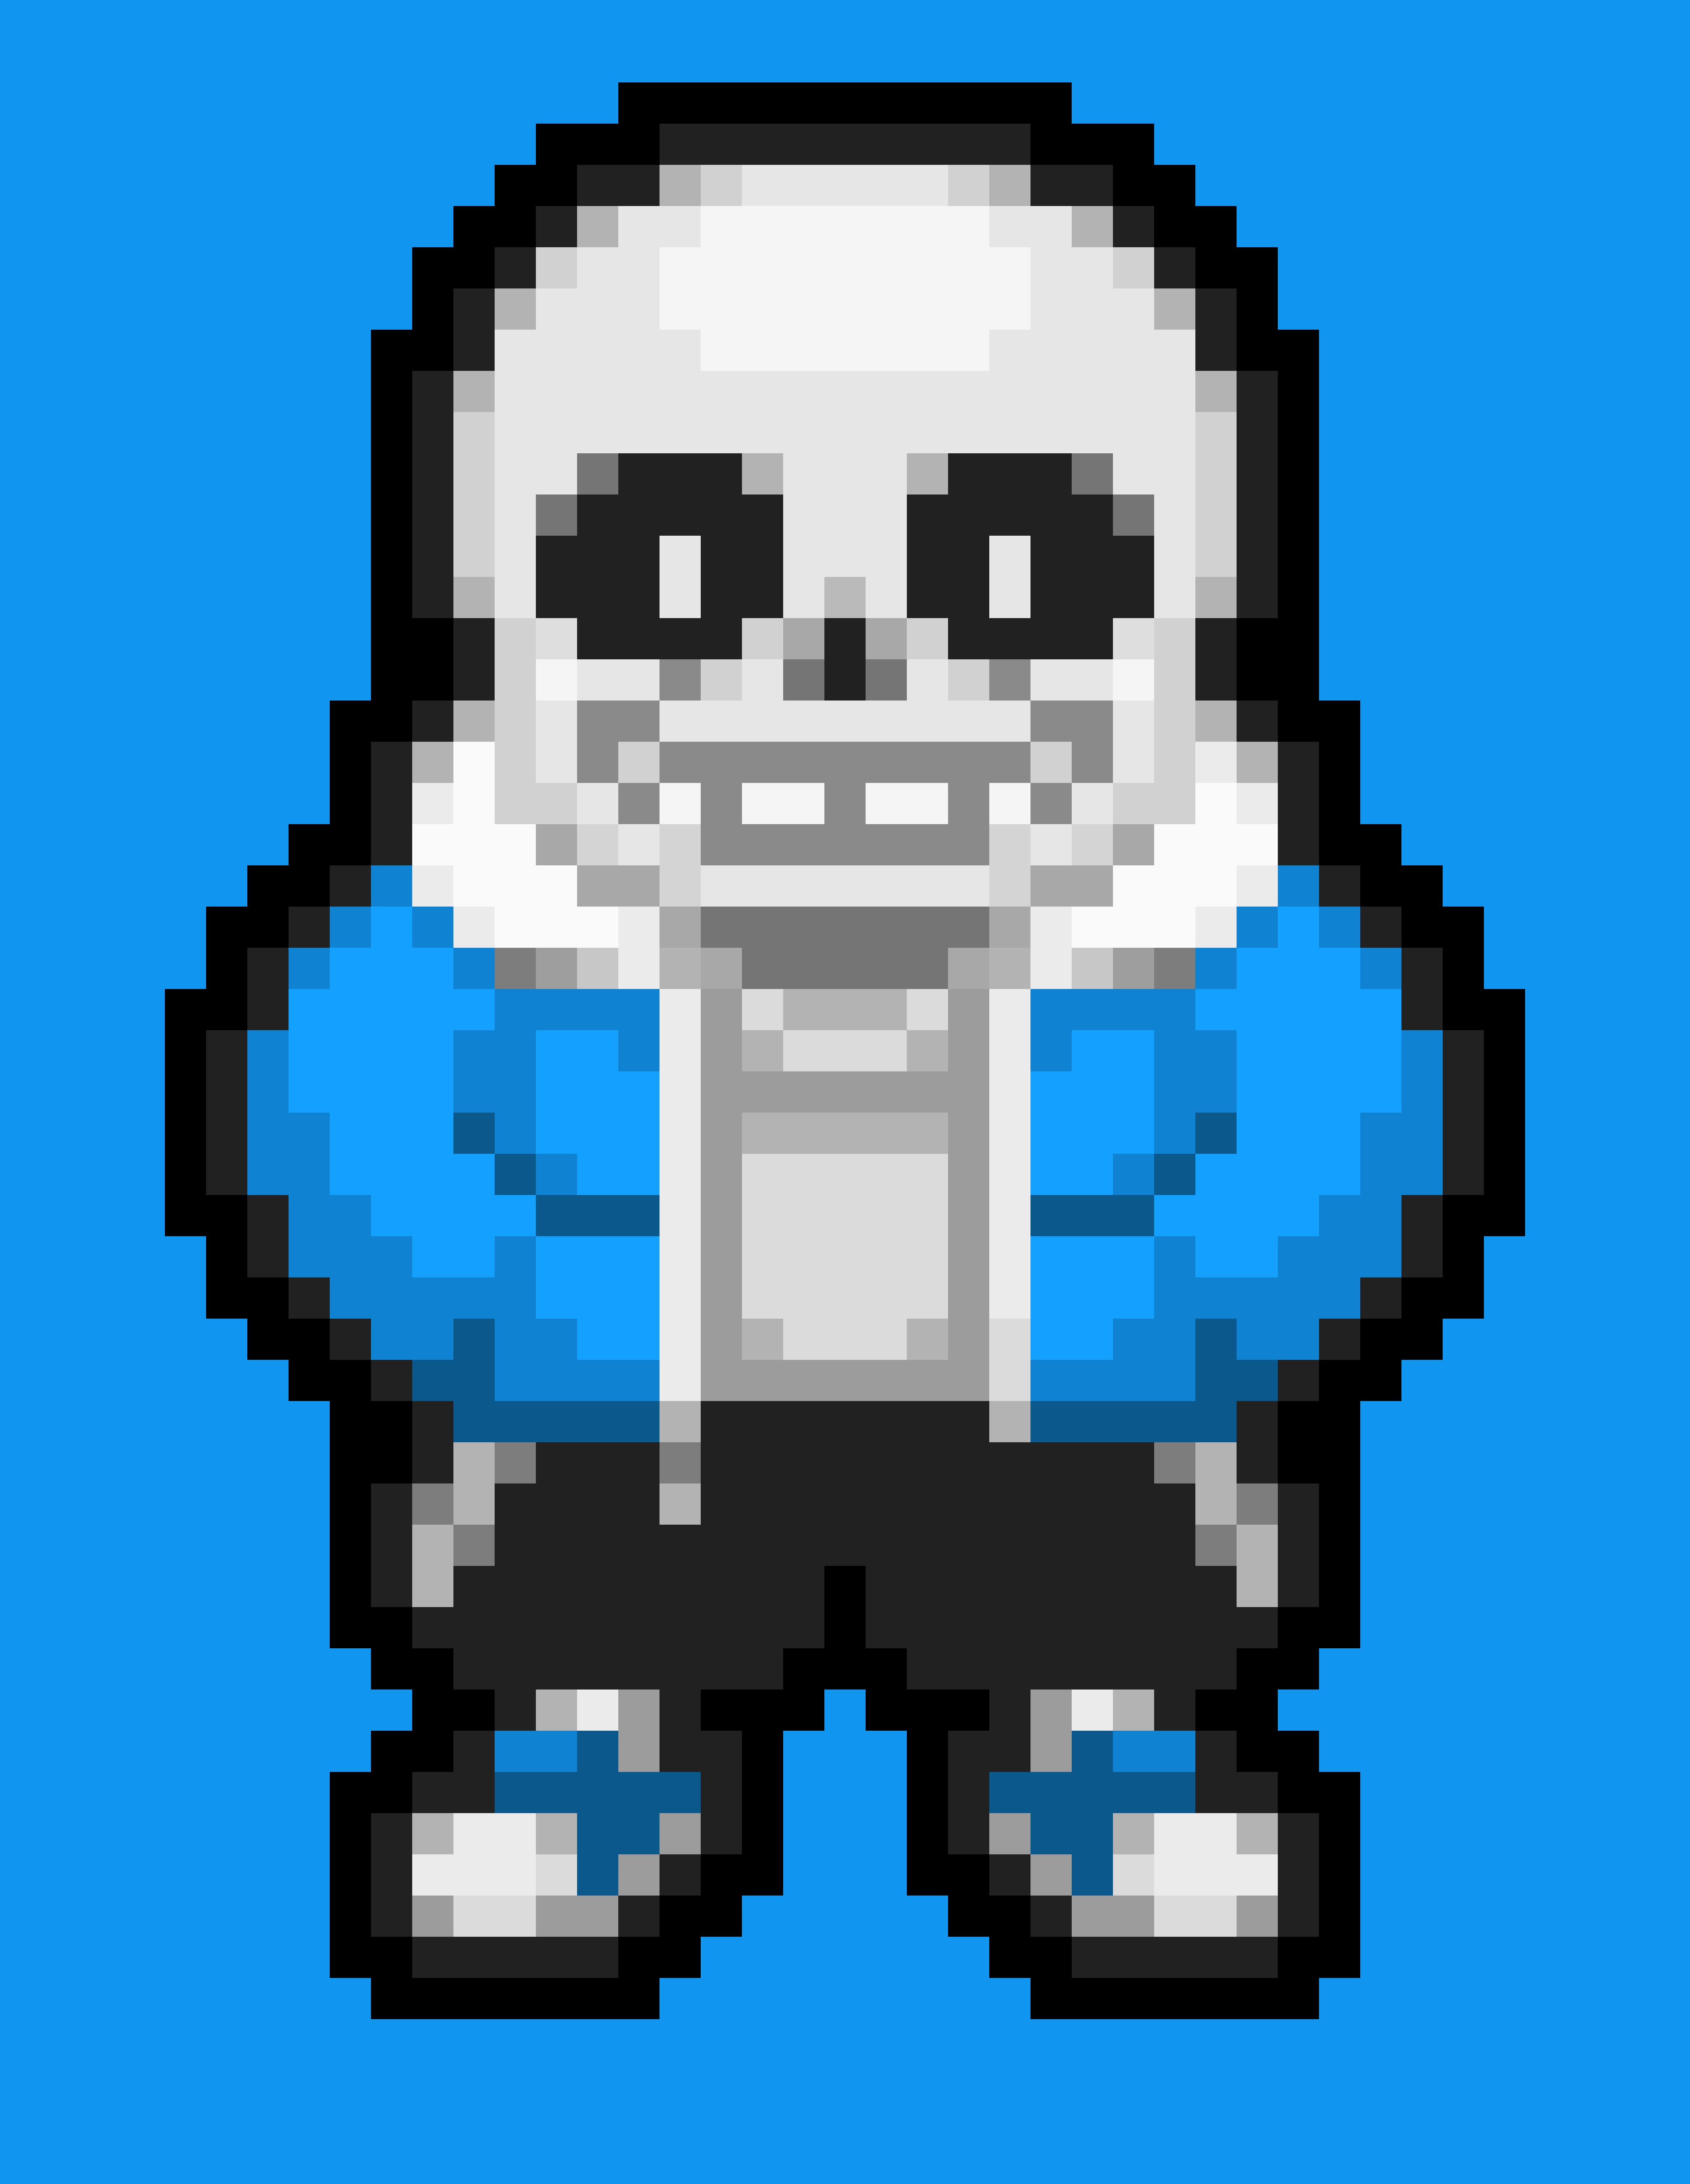 Sans Small Pixel Pixel Art Maker